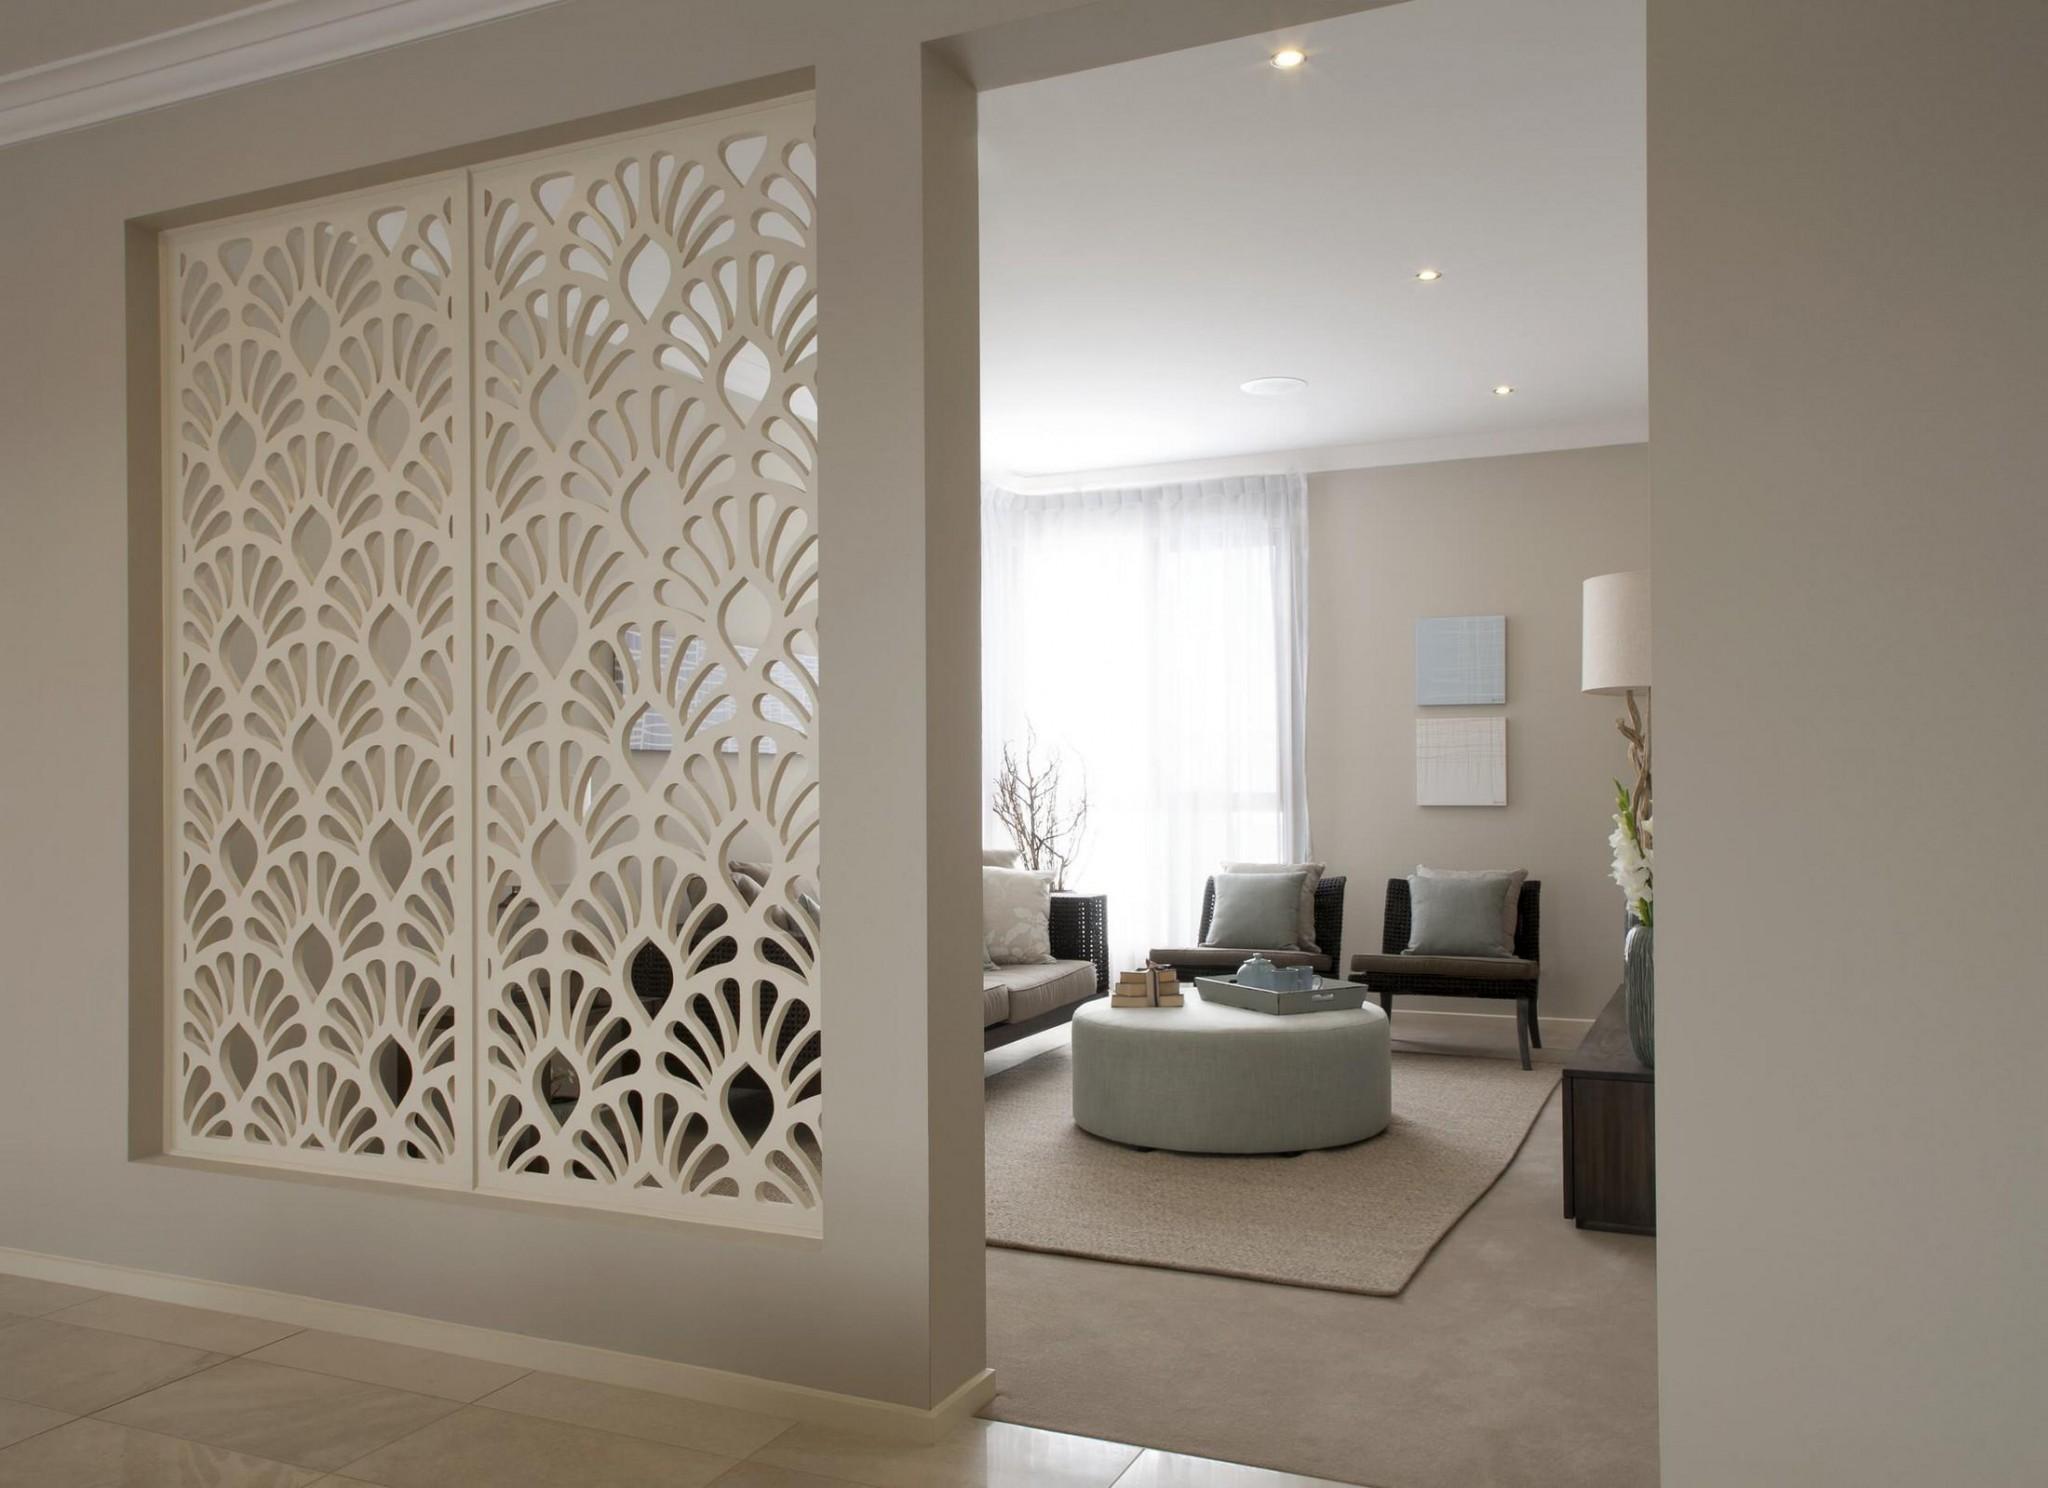 Гипсокартонные перегородки в современных квартирах: удобство конструкции (52 фото)